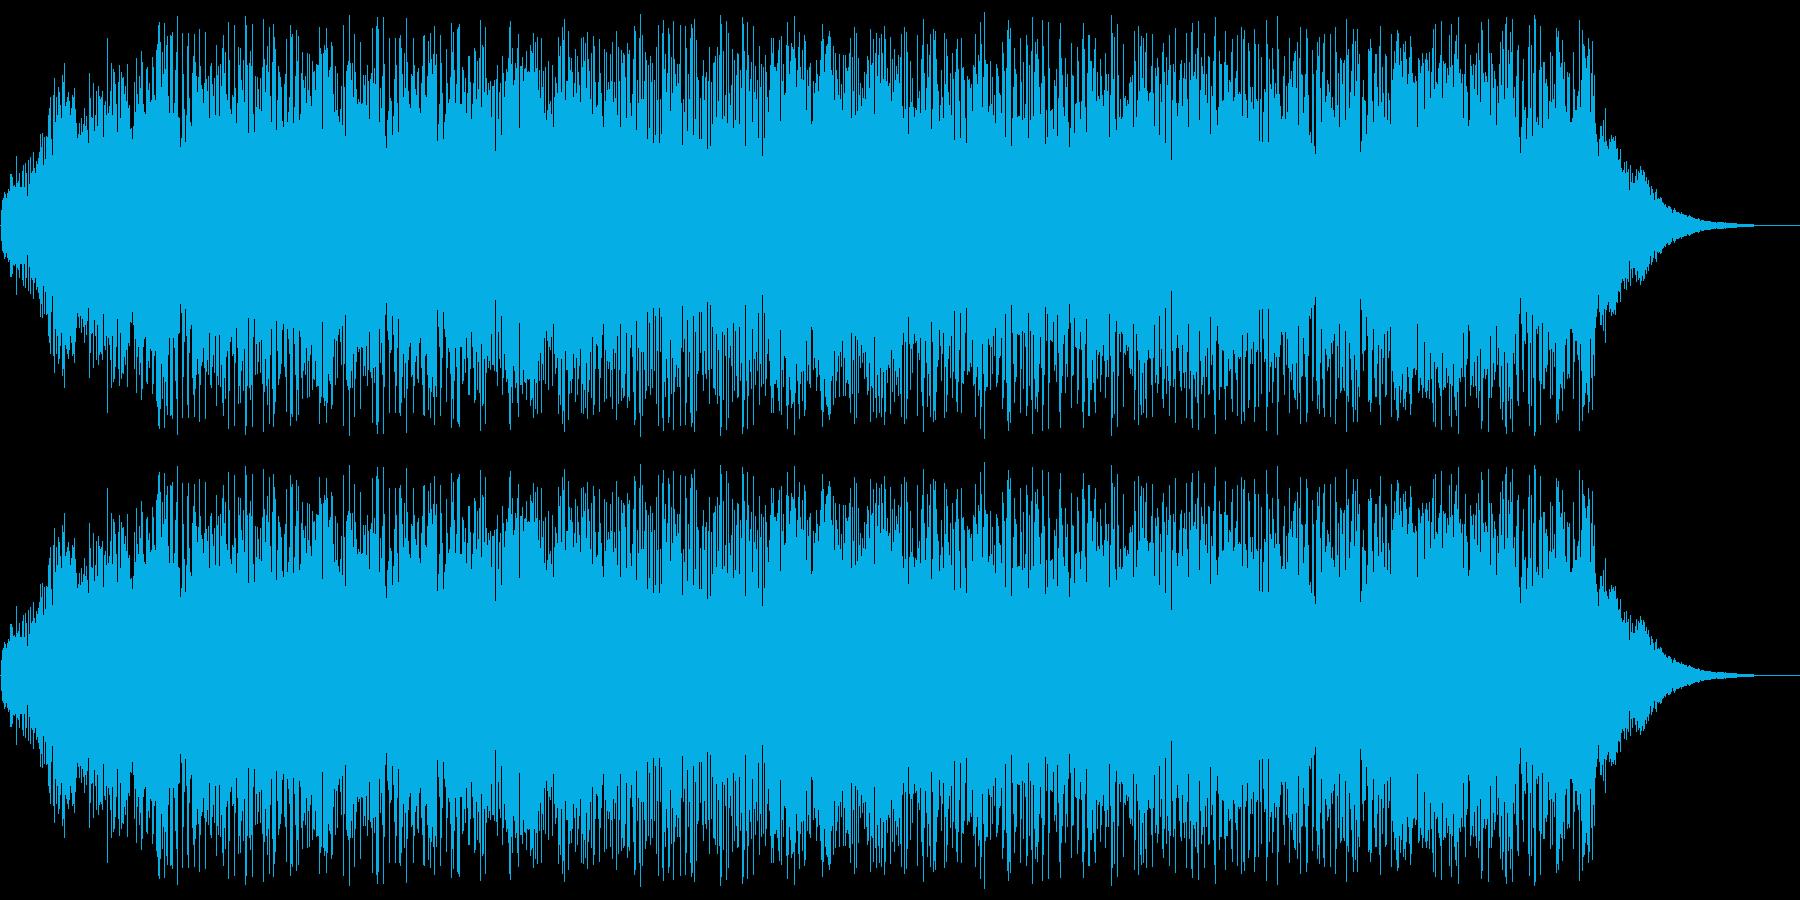 アニメにありそうなガンポッドの再生済みの波形